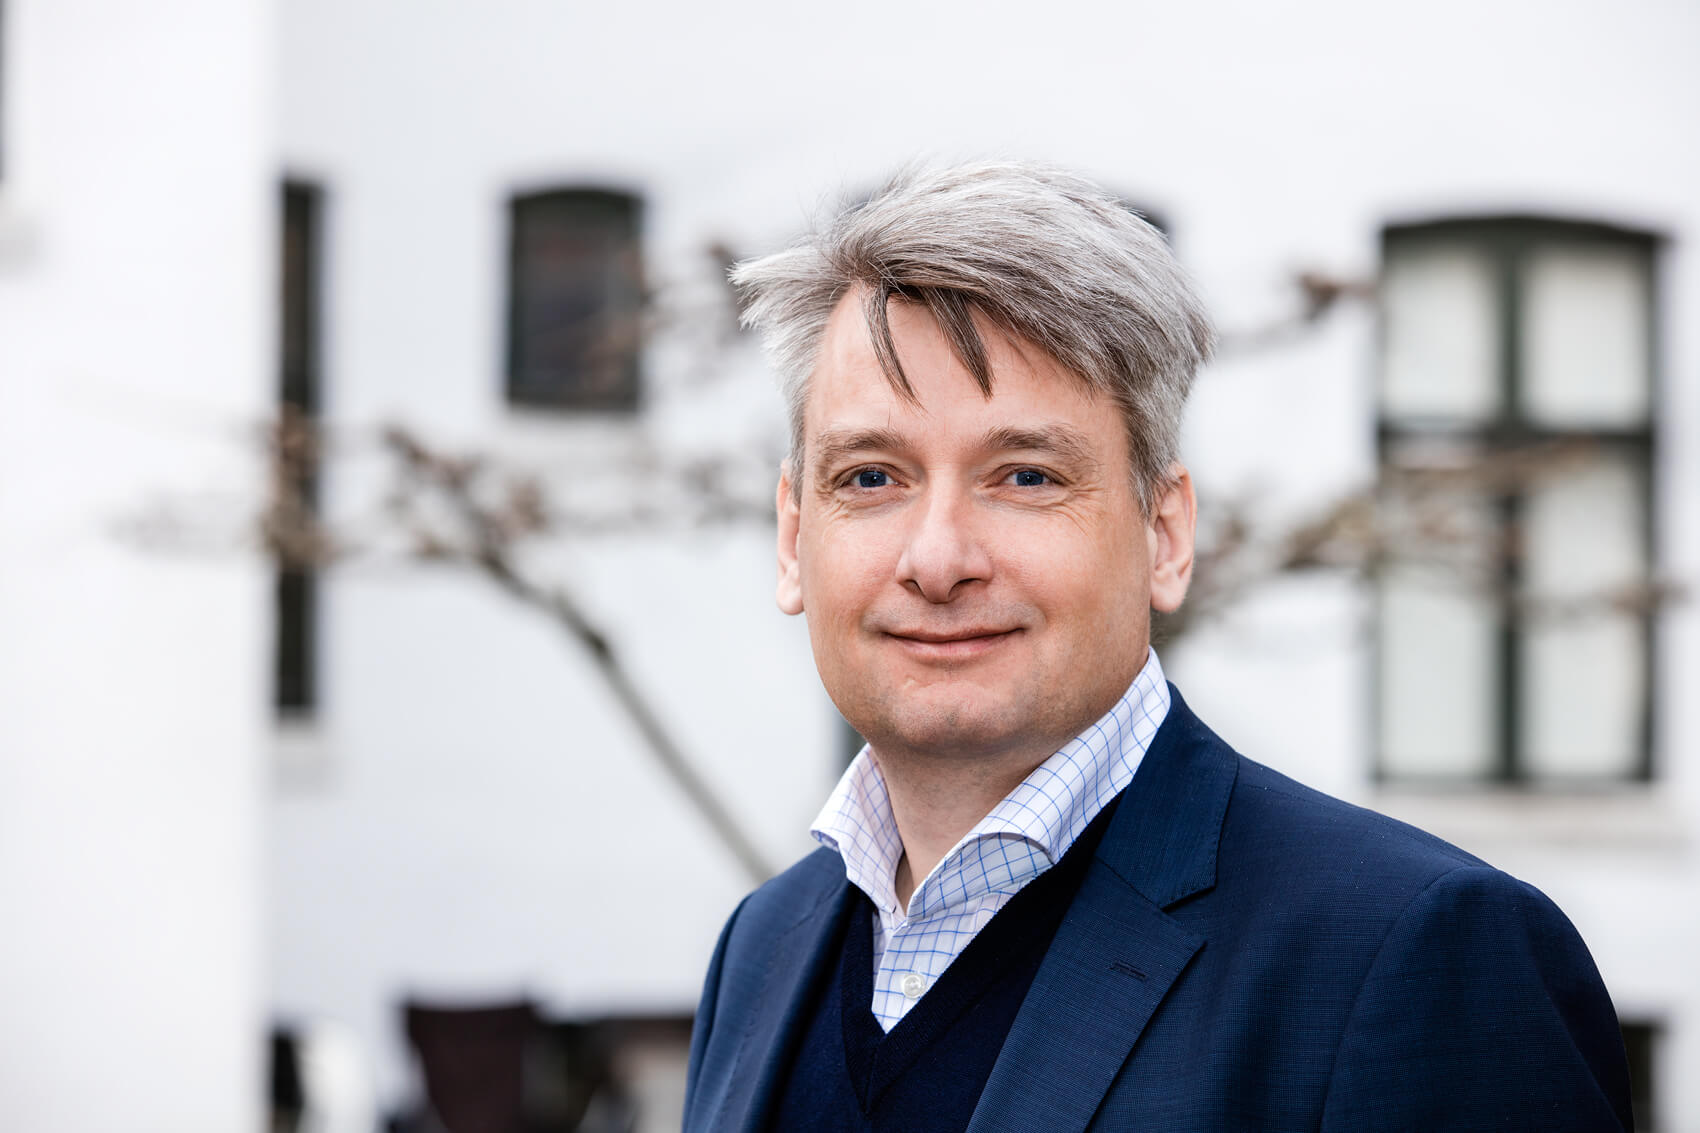 Lars Bernt